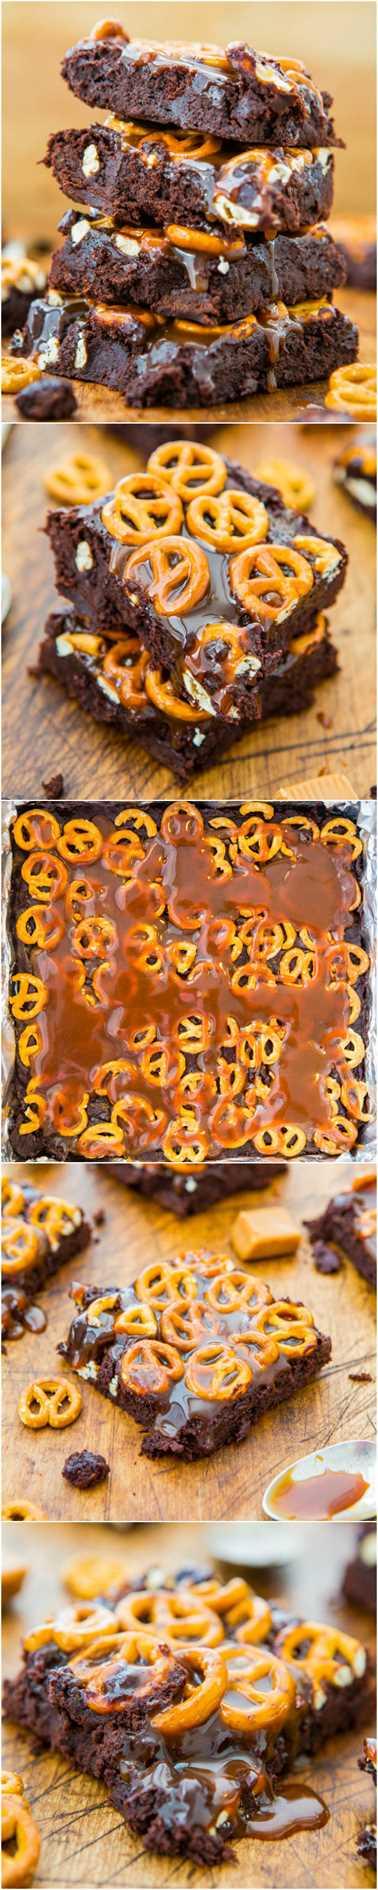 Brownies de chocolate con caramelo pretzel alted - Brownies de rasguño supremamente fudgy tan fáciles como una mezcla. ¡Salado y dulce y goteando caramelo! Receta fácil y sin mezclador en averiecooks.com